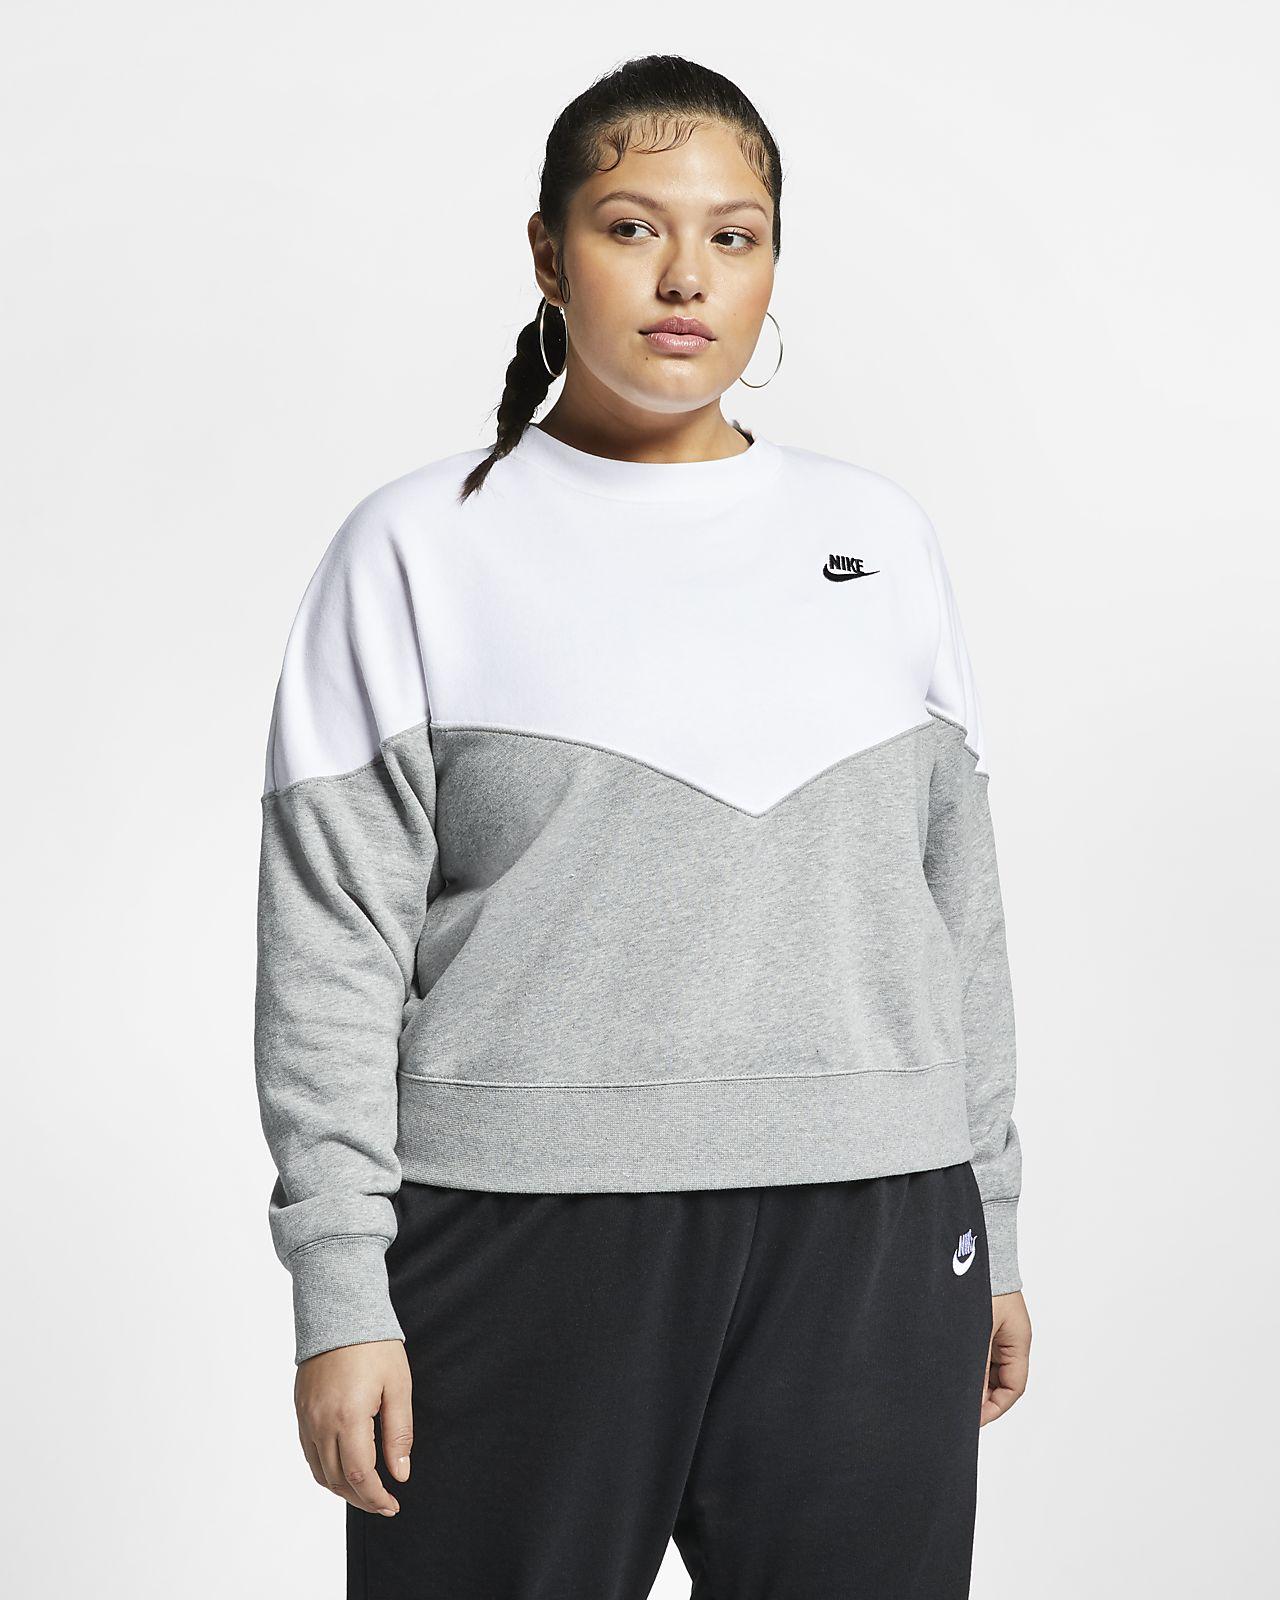 Nike Sportswear Heritage Women's Fleece Crew (Plus Size)